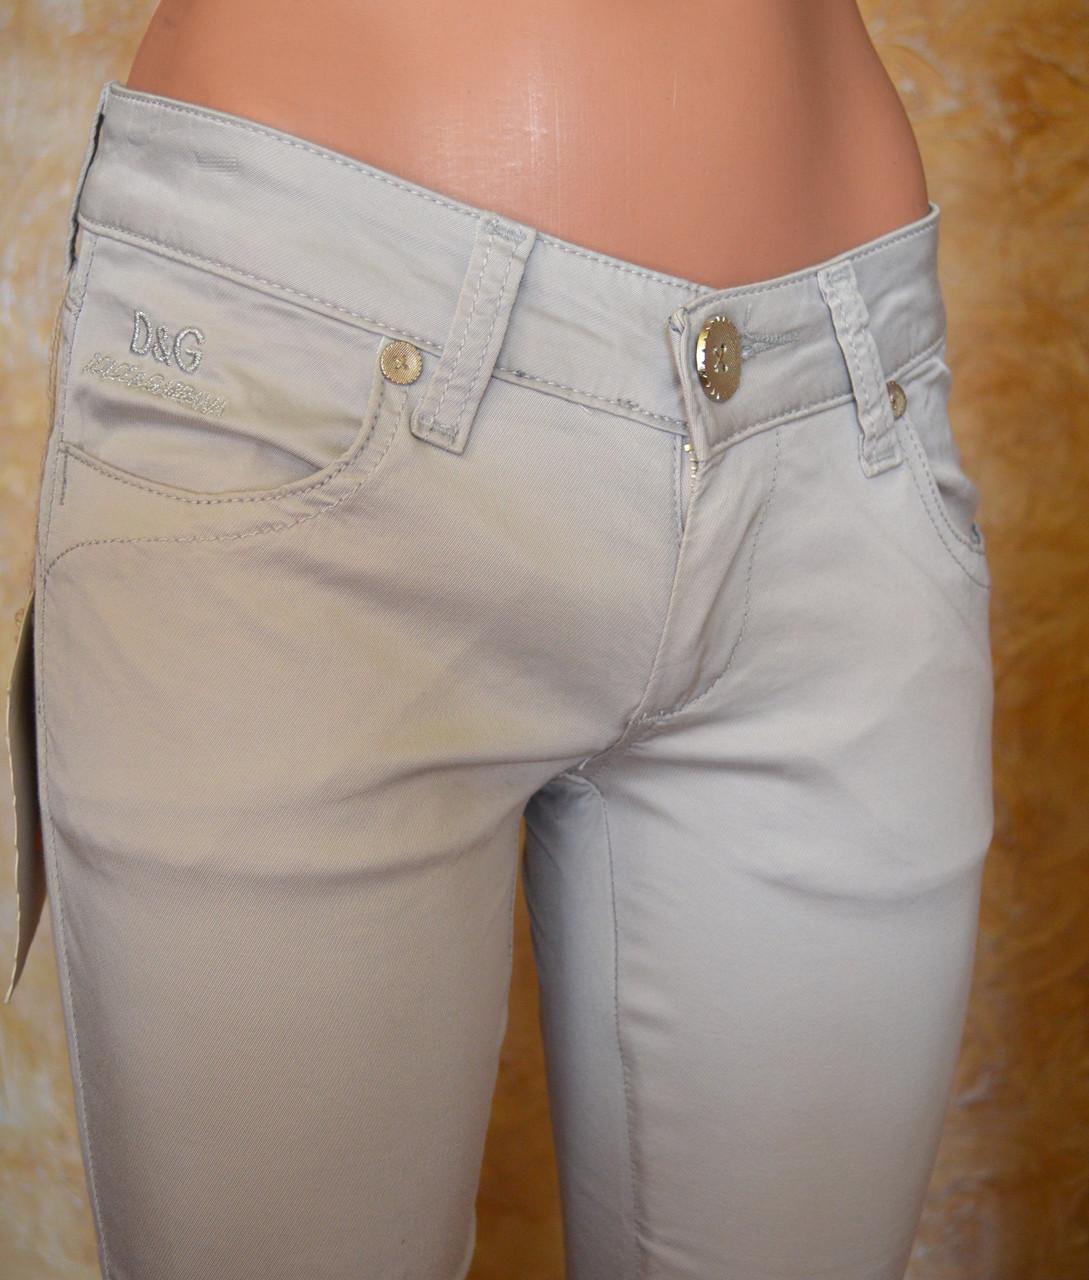 Женские джинсы D&G1381 (копия)